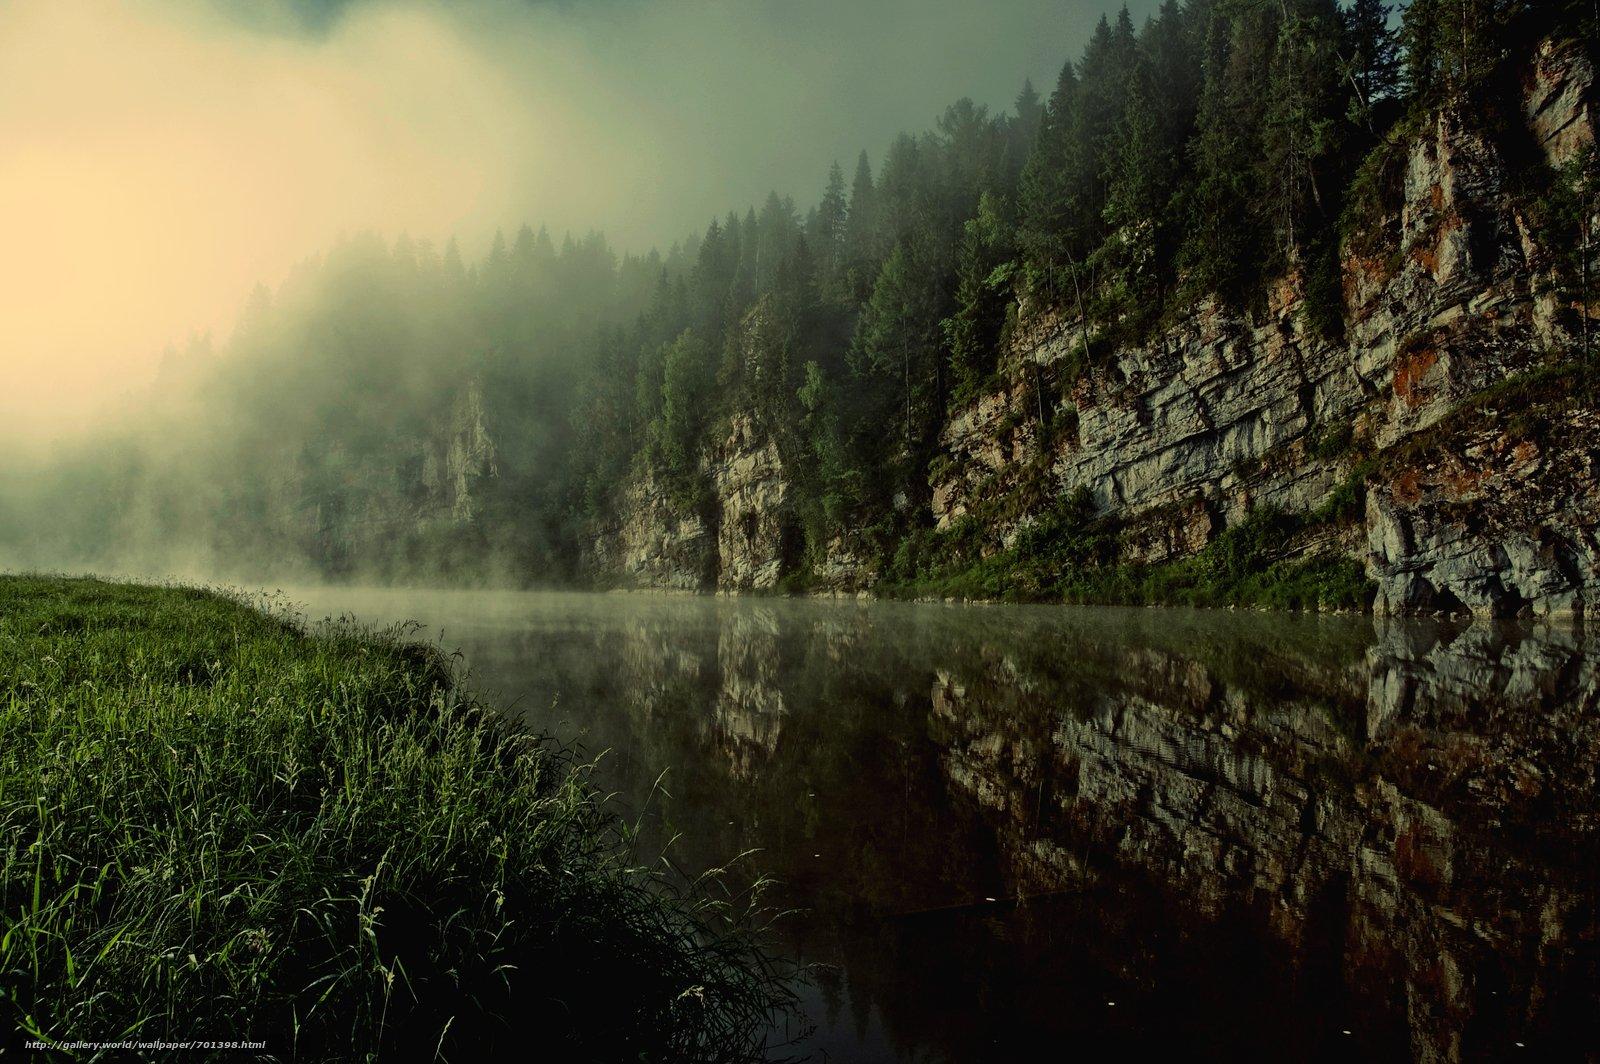 картинки реки и леса утром